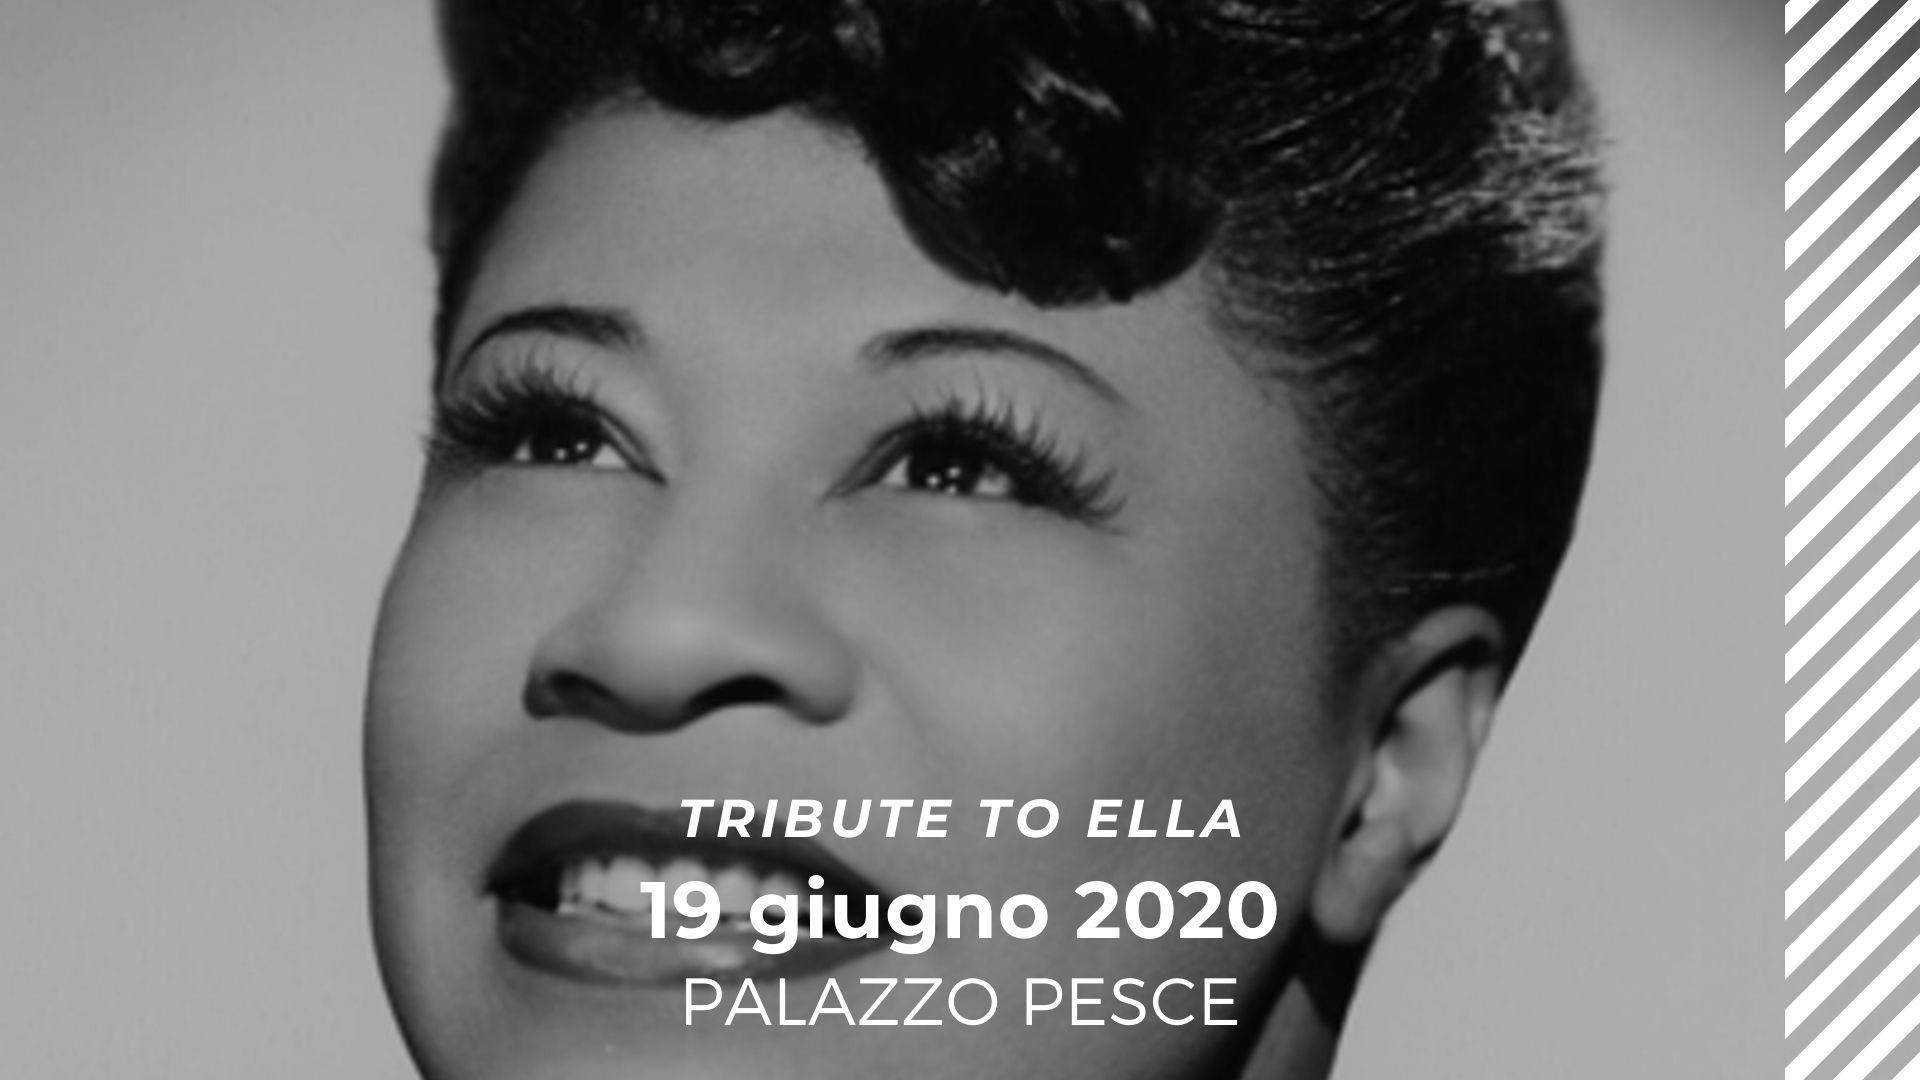 19 giugno 2020 Omaggio a Ella Fitzgerald a Palazzo Pesce